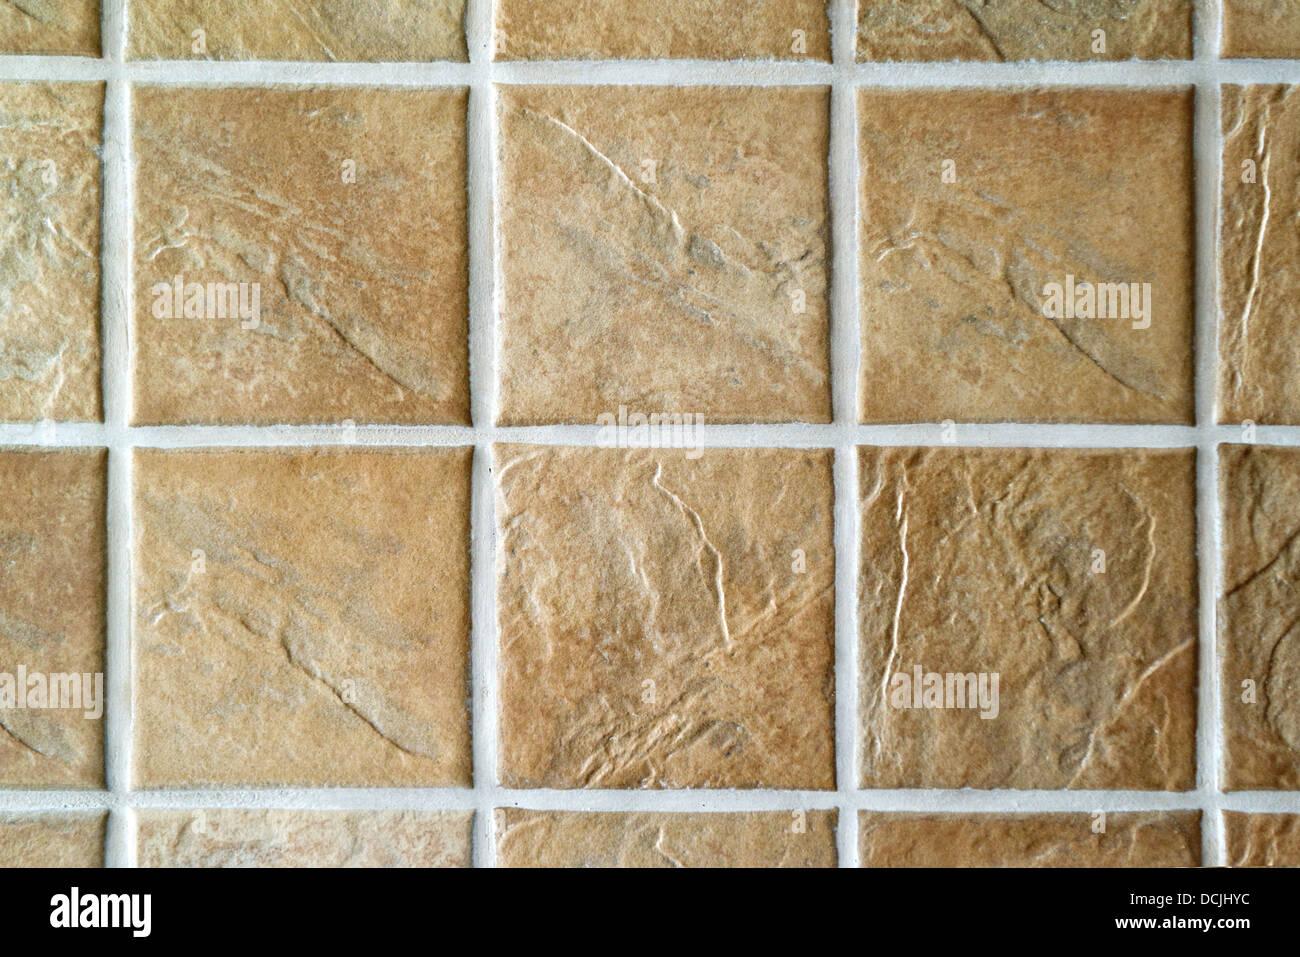 Le piastrelle di ceramica. il beige mosaico di piastrelle in